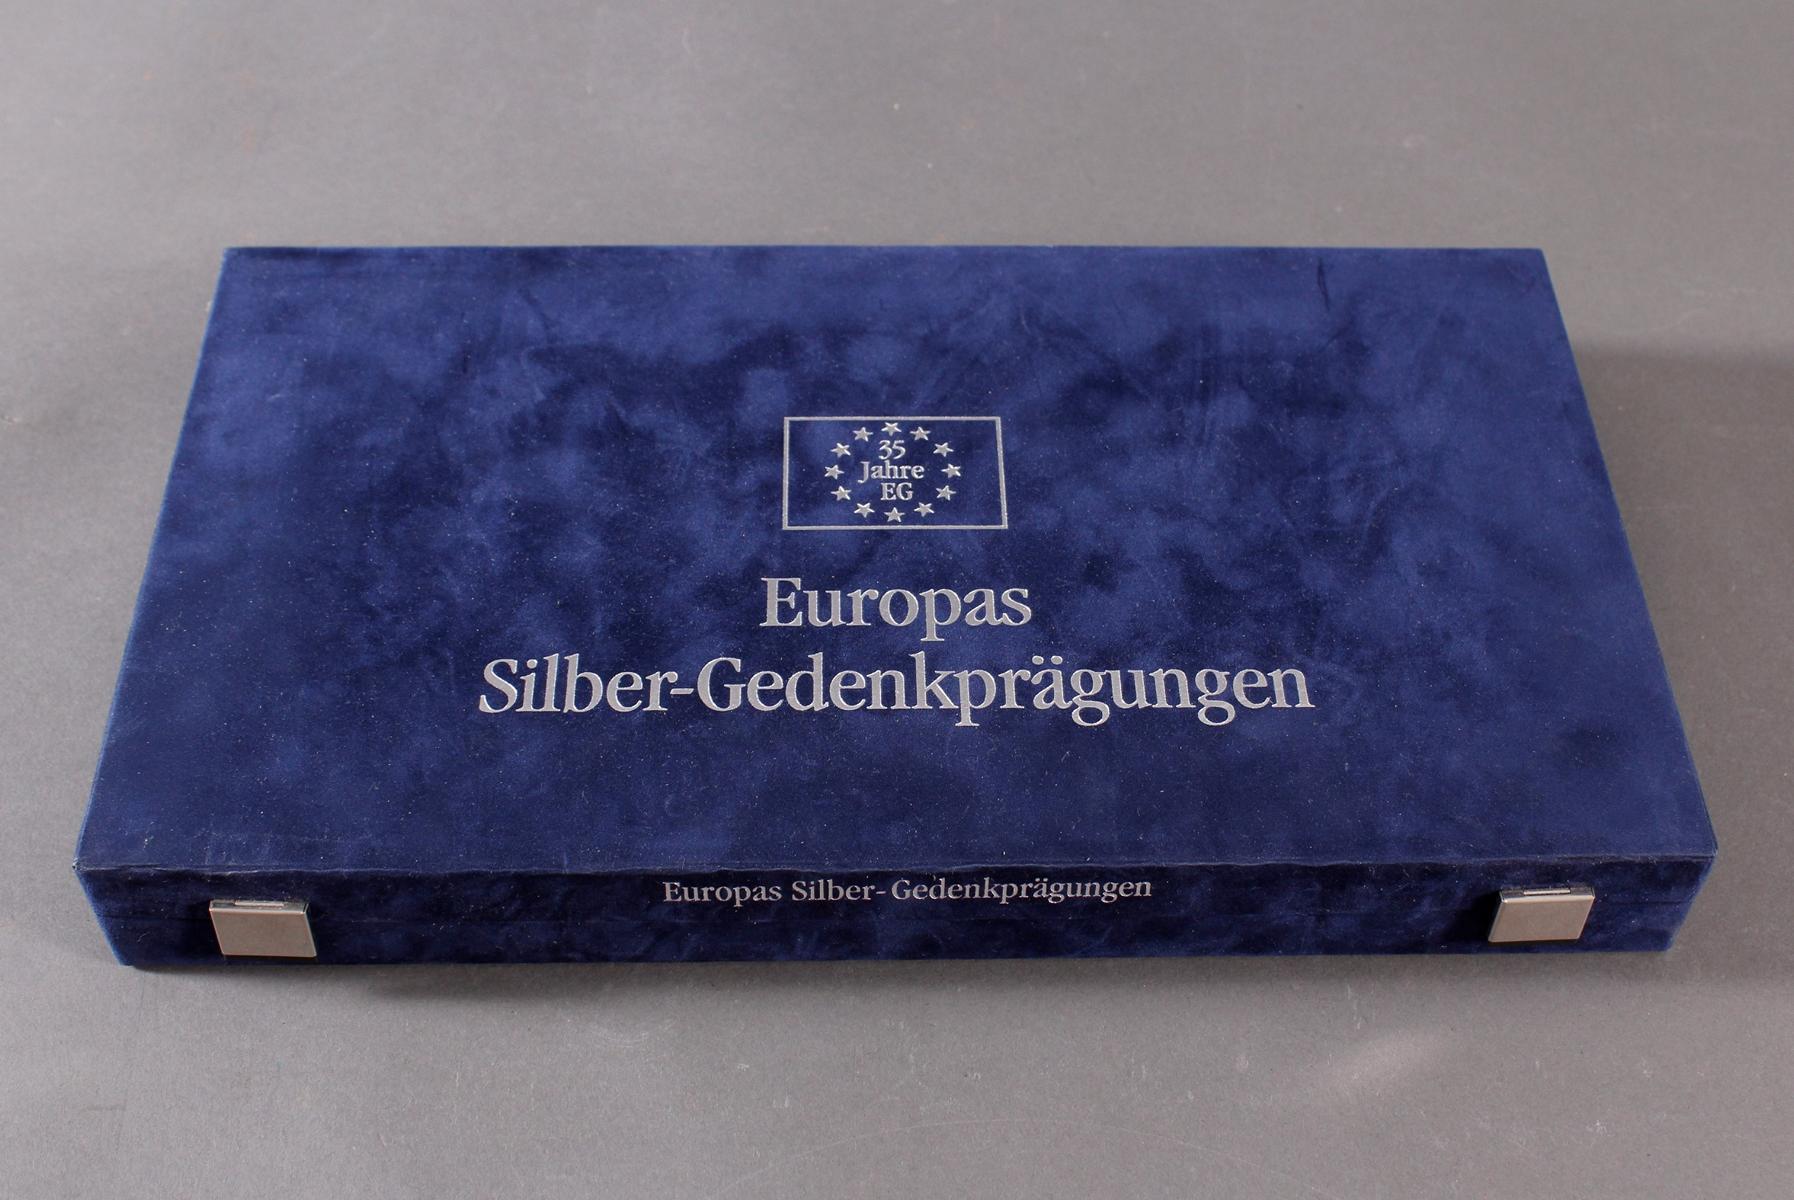 Sammlung Europas Silber Gedenkprägungen